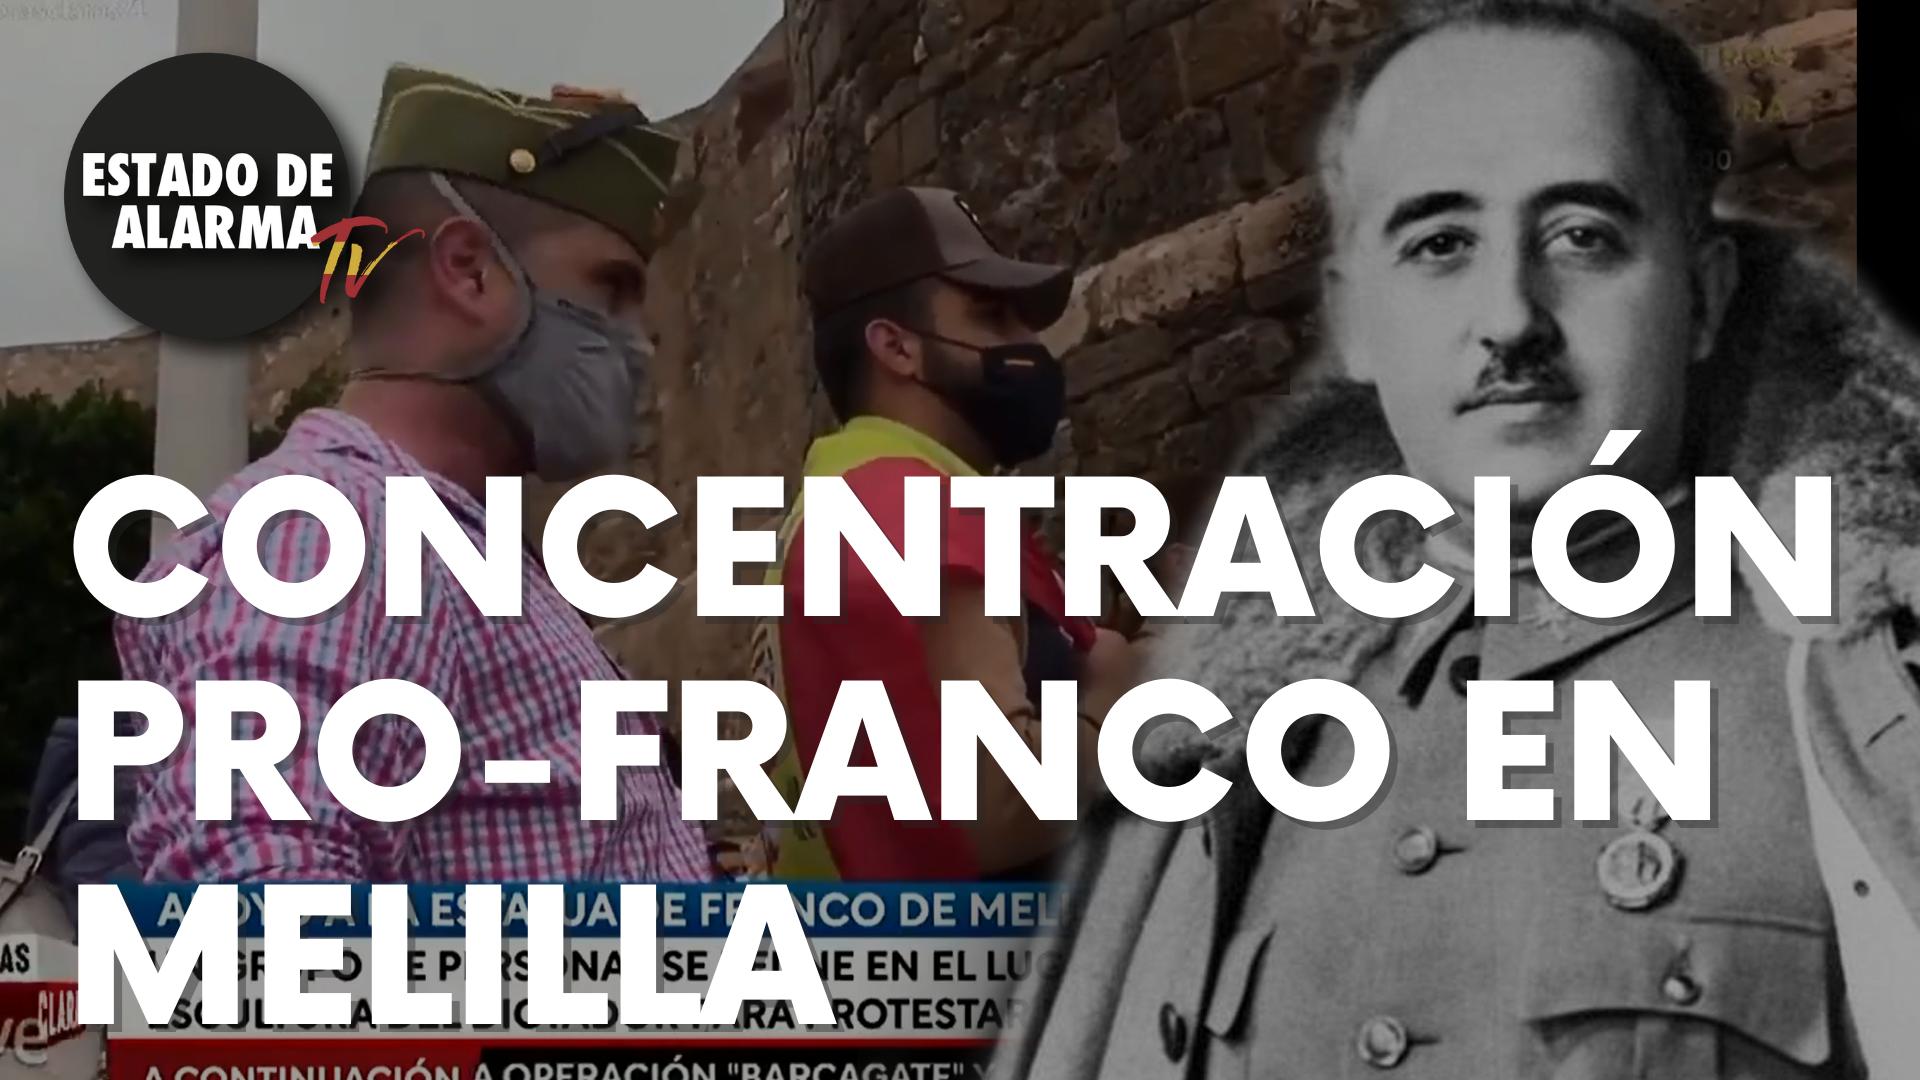 Concentración pro-Franco en Melilla